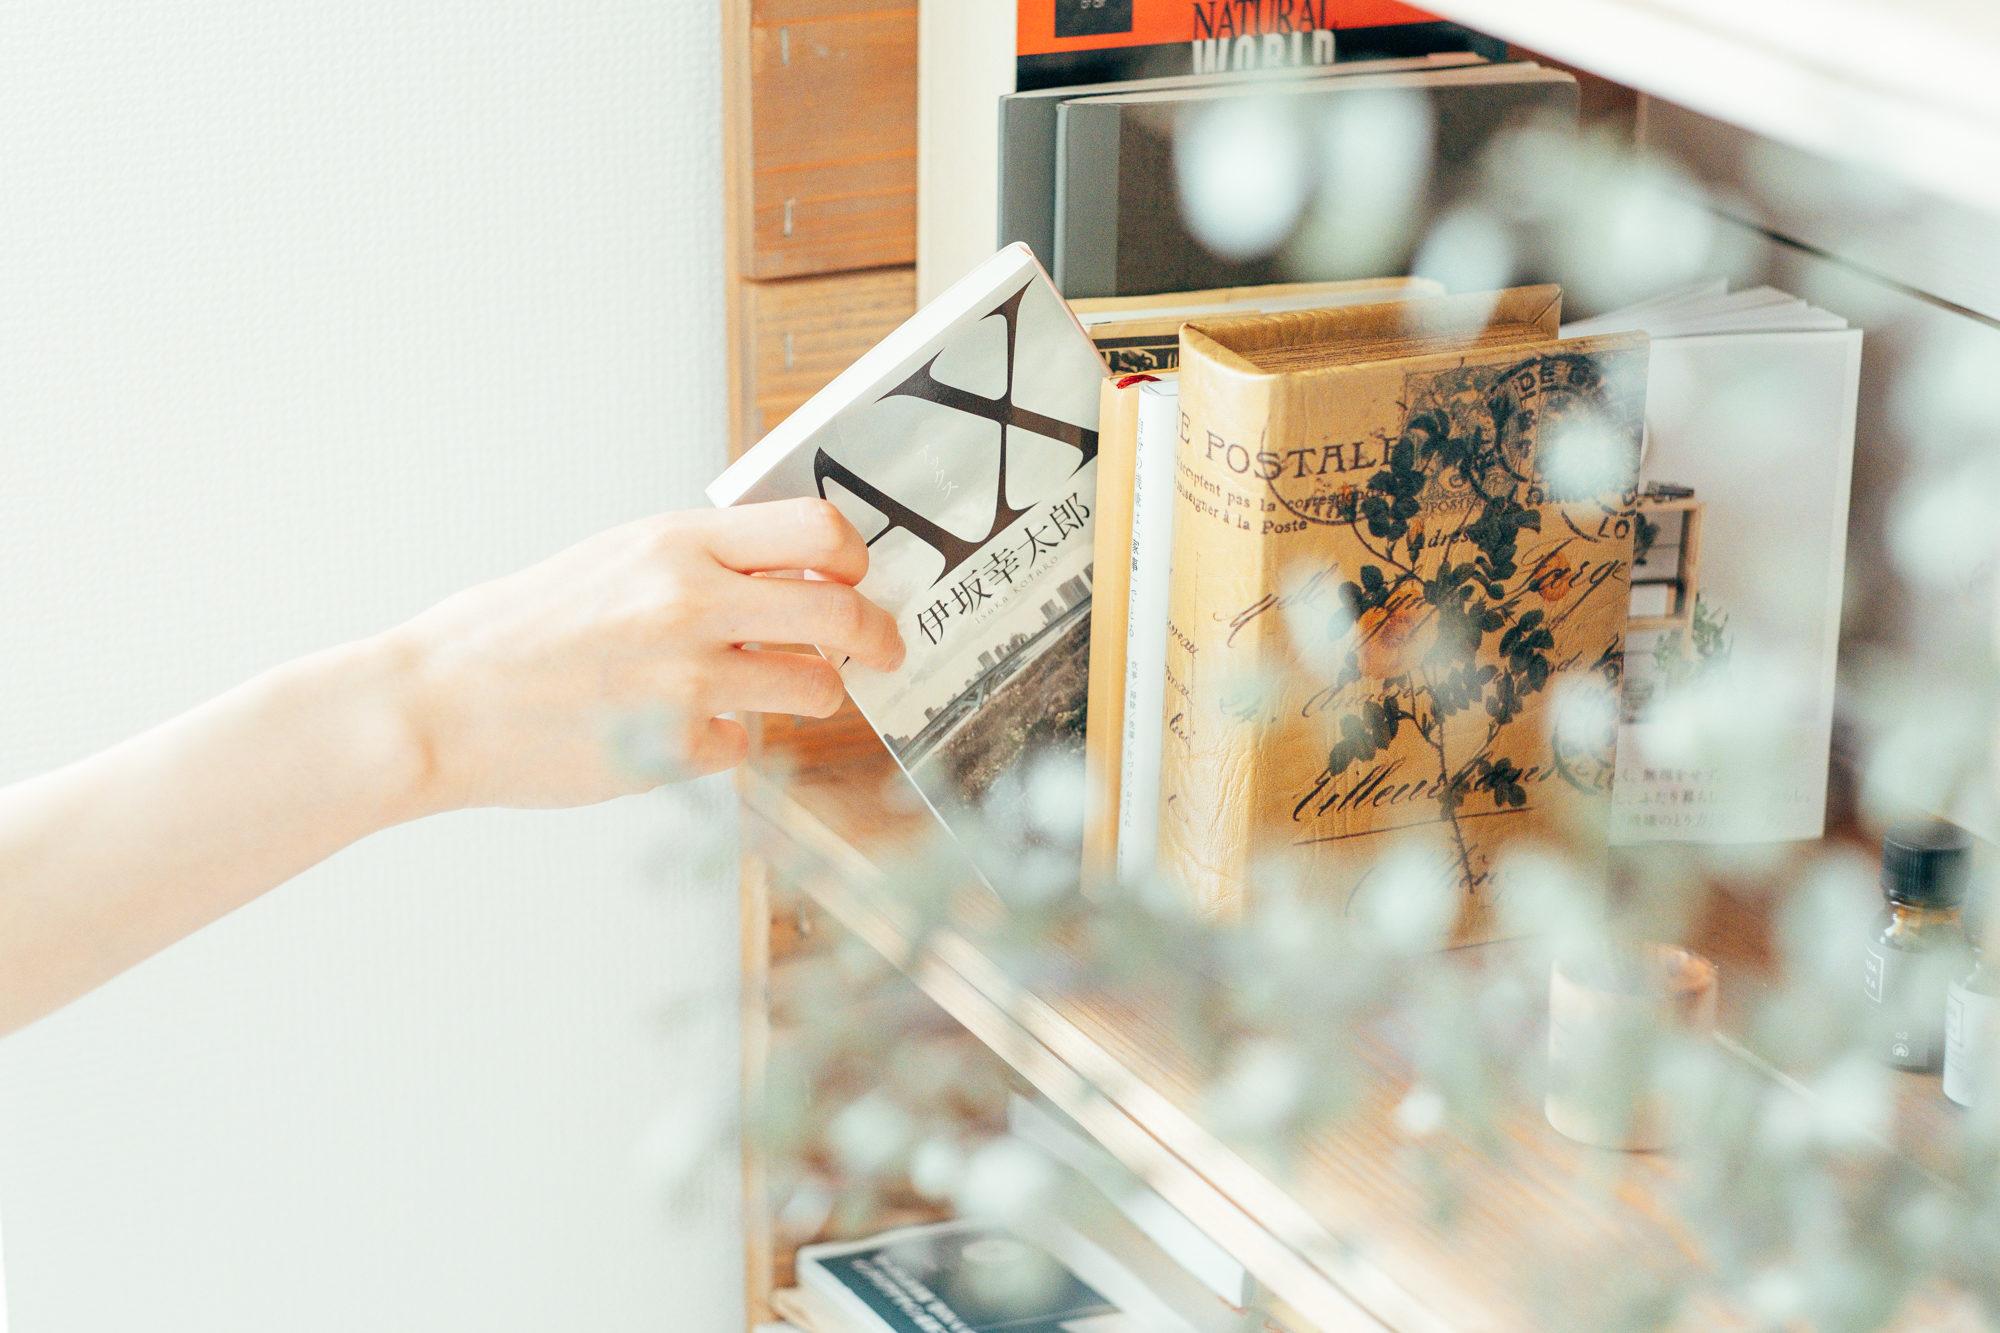 本の背表紙も、色があるものは背面にして収納するほどの徹底ぶり。